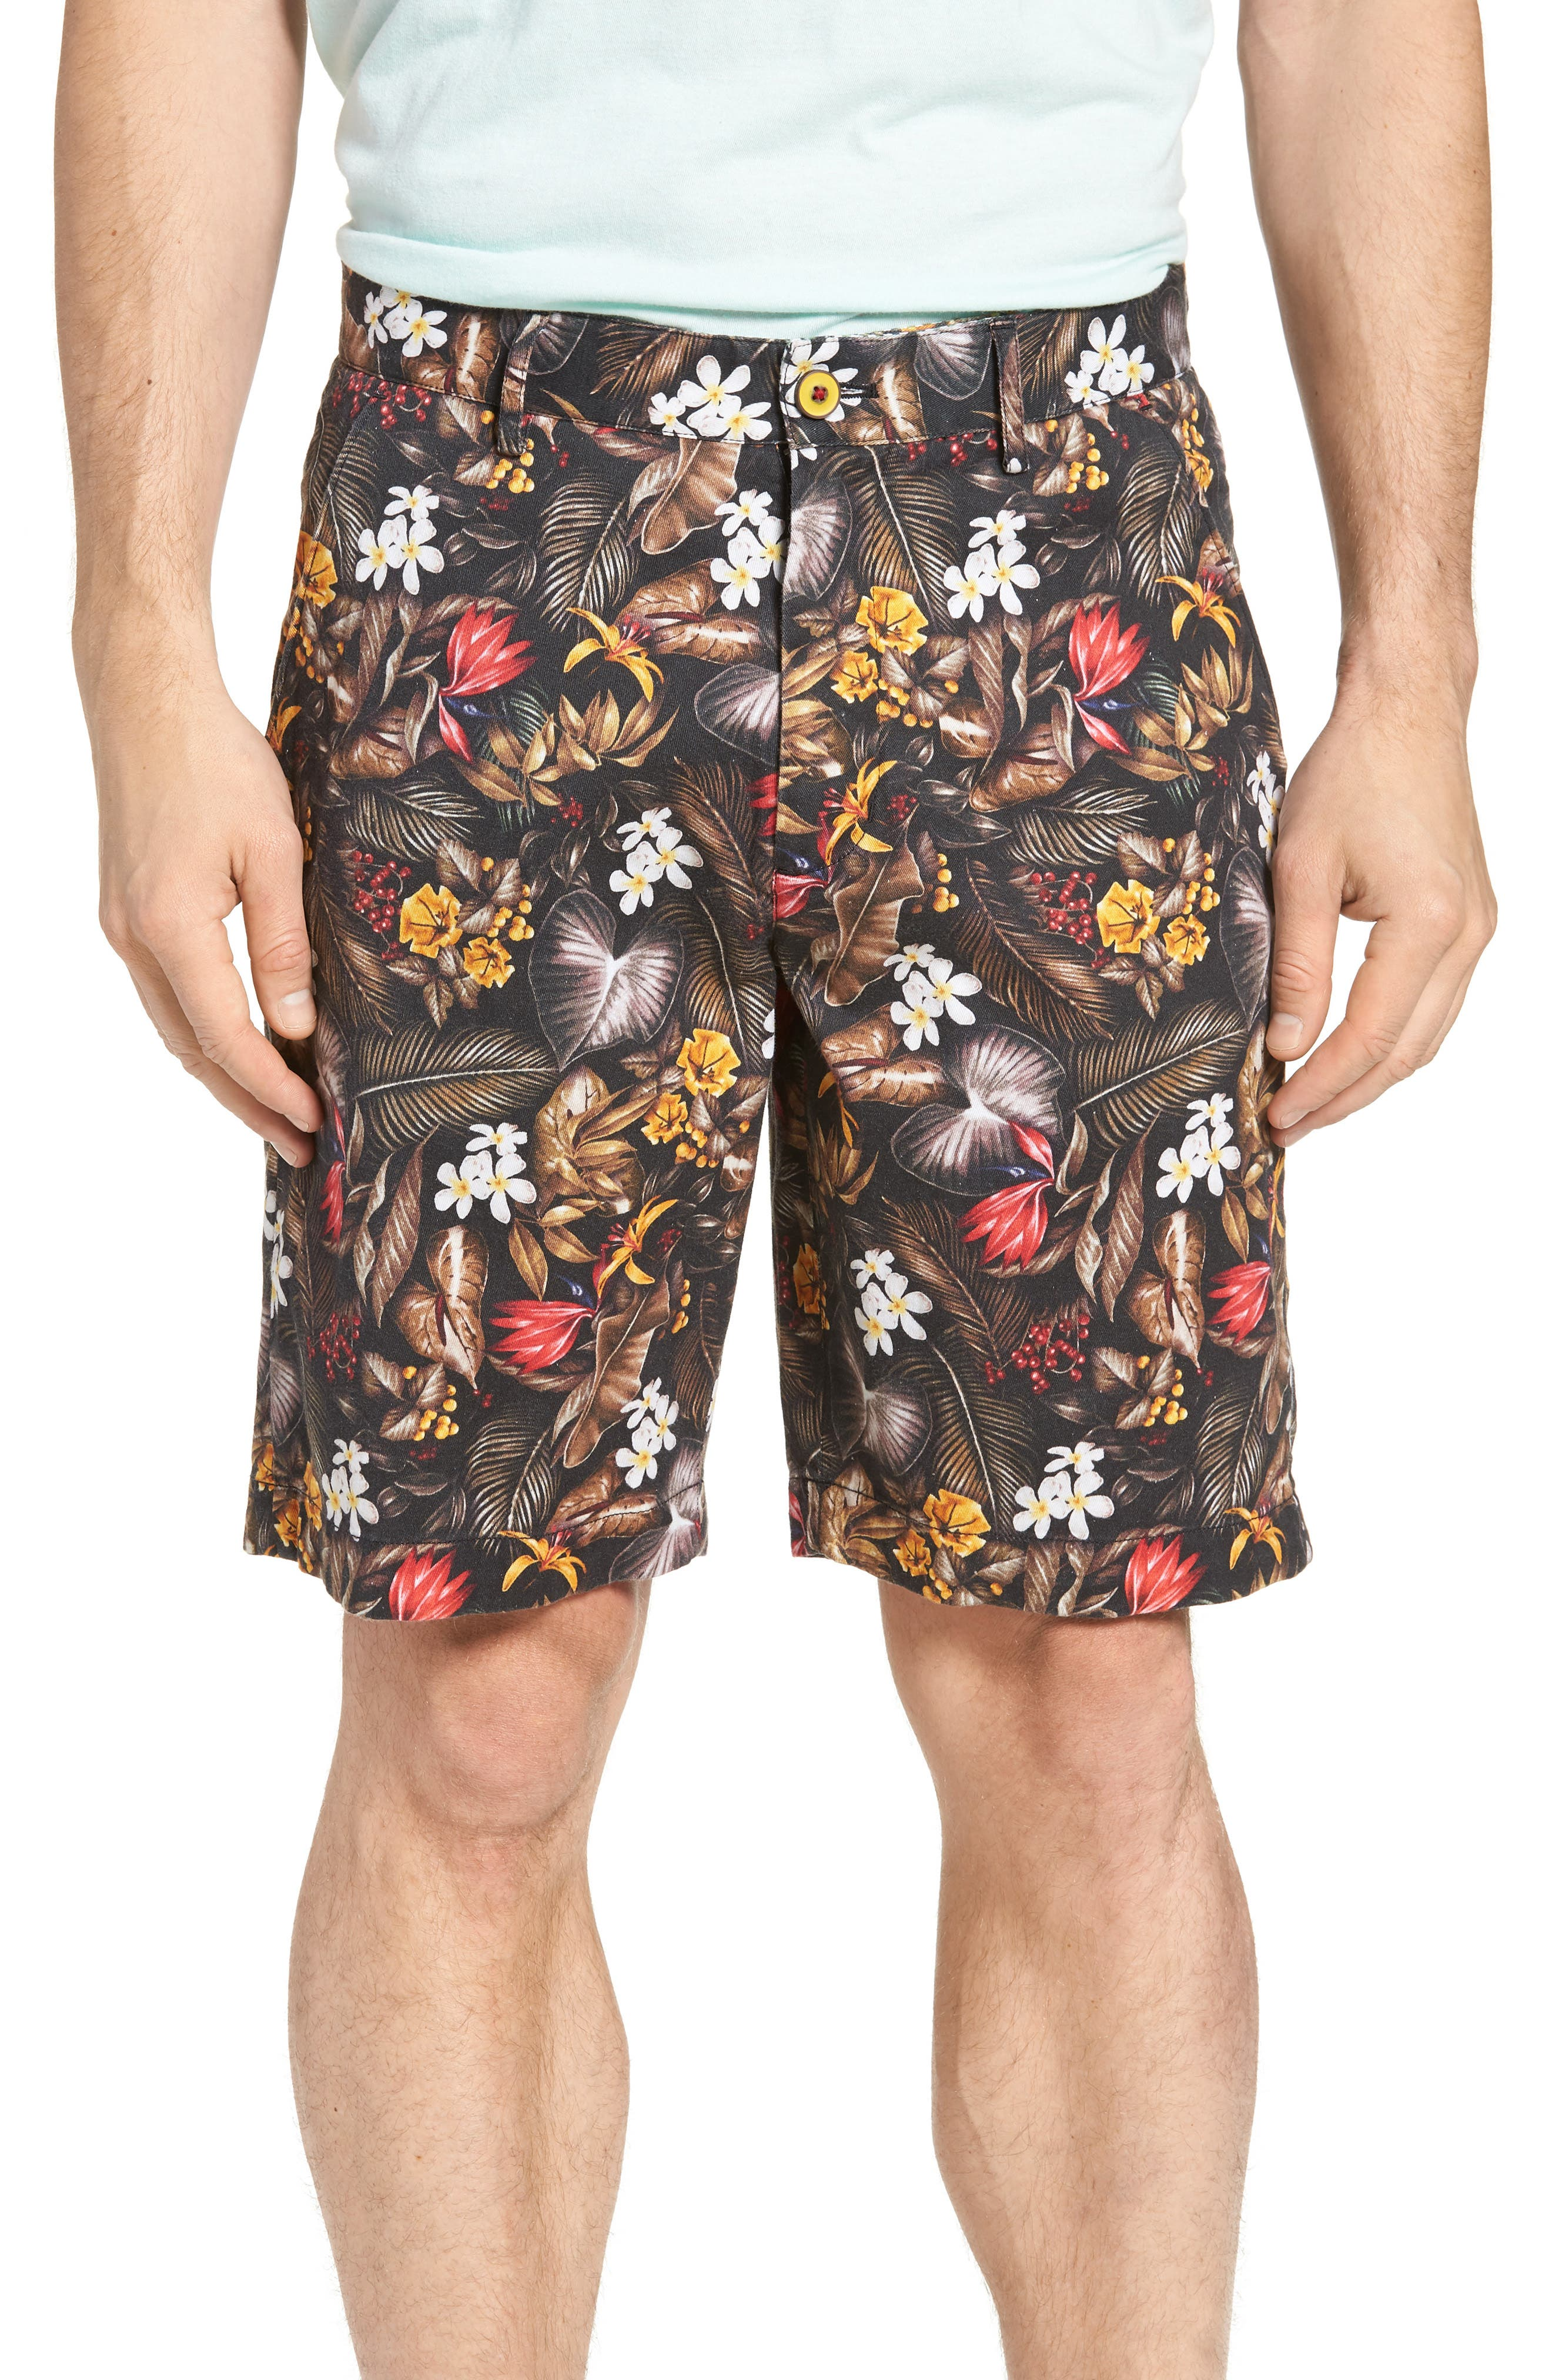 Maracas Woven Shorts,                             Main thumbnail 1, color,                             200